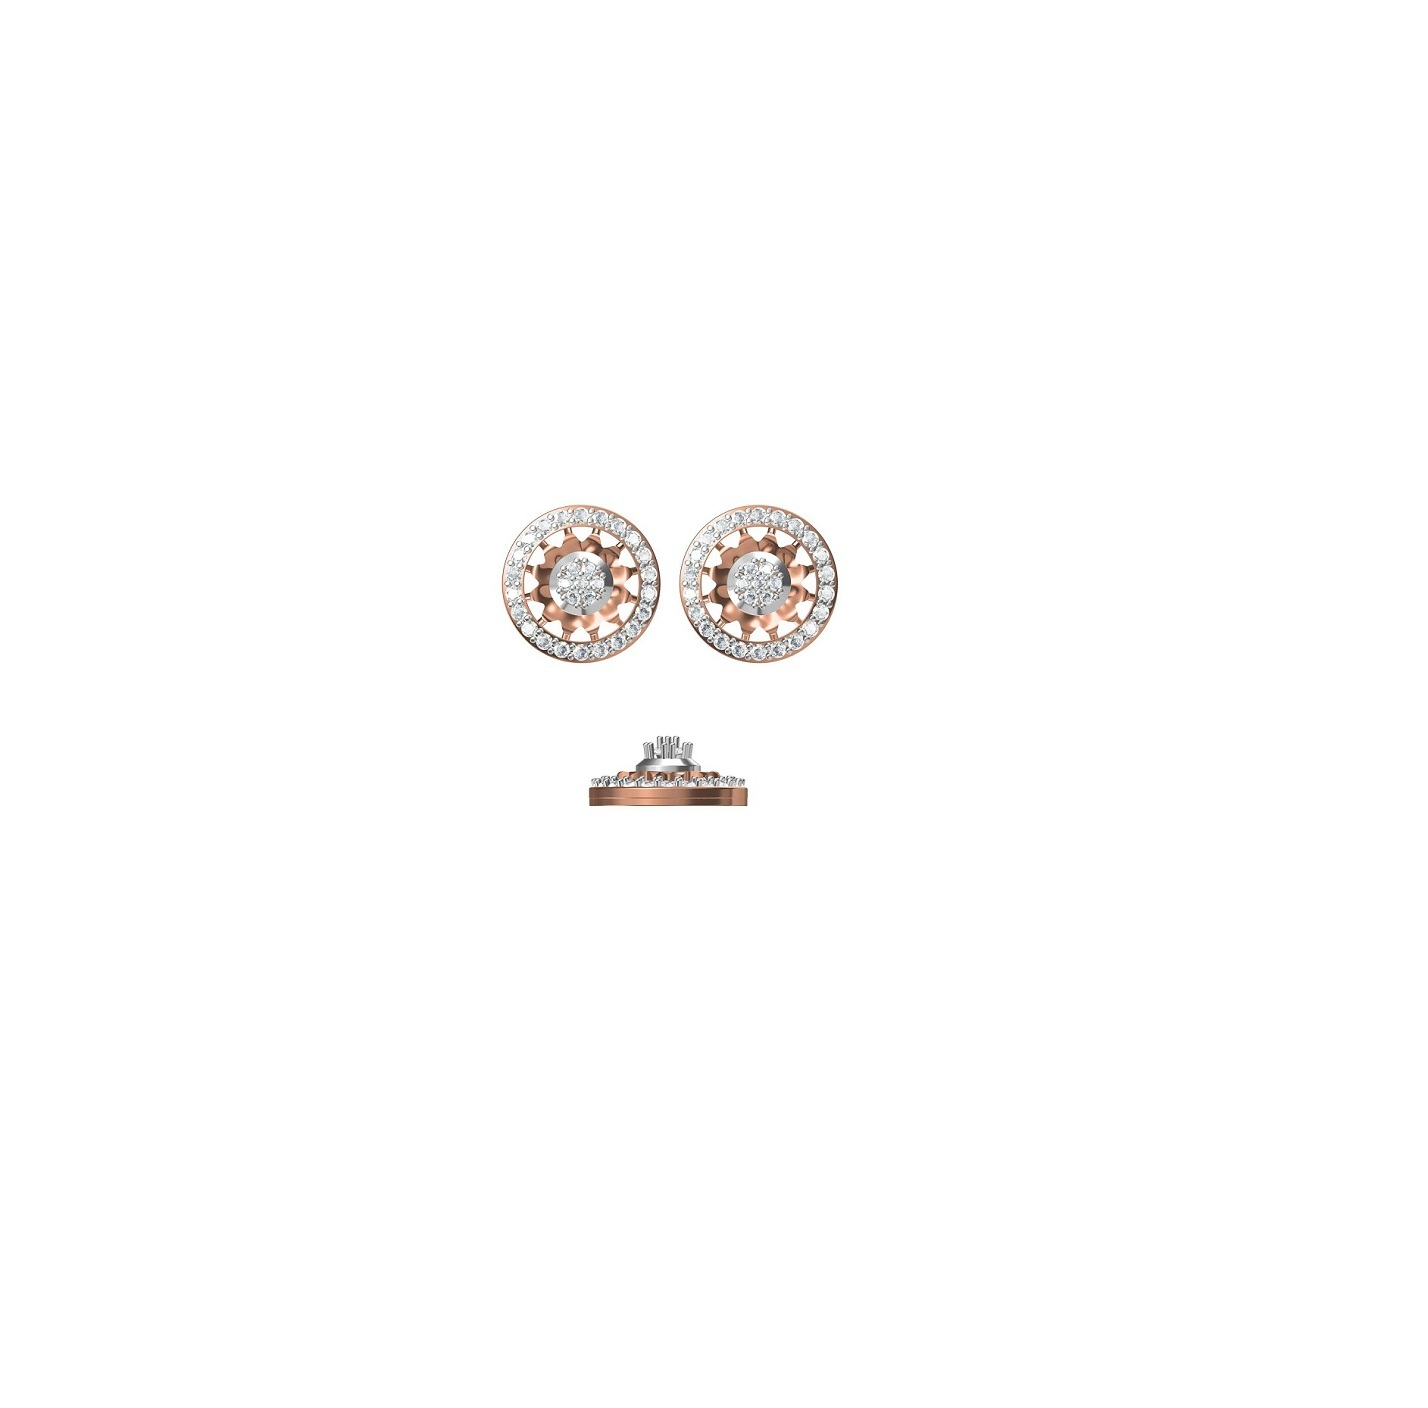 Diamond Earrings TCW 1.011 14K gold 5.8 gm